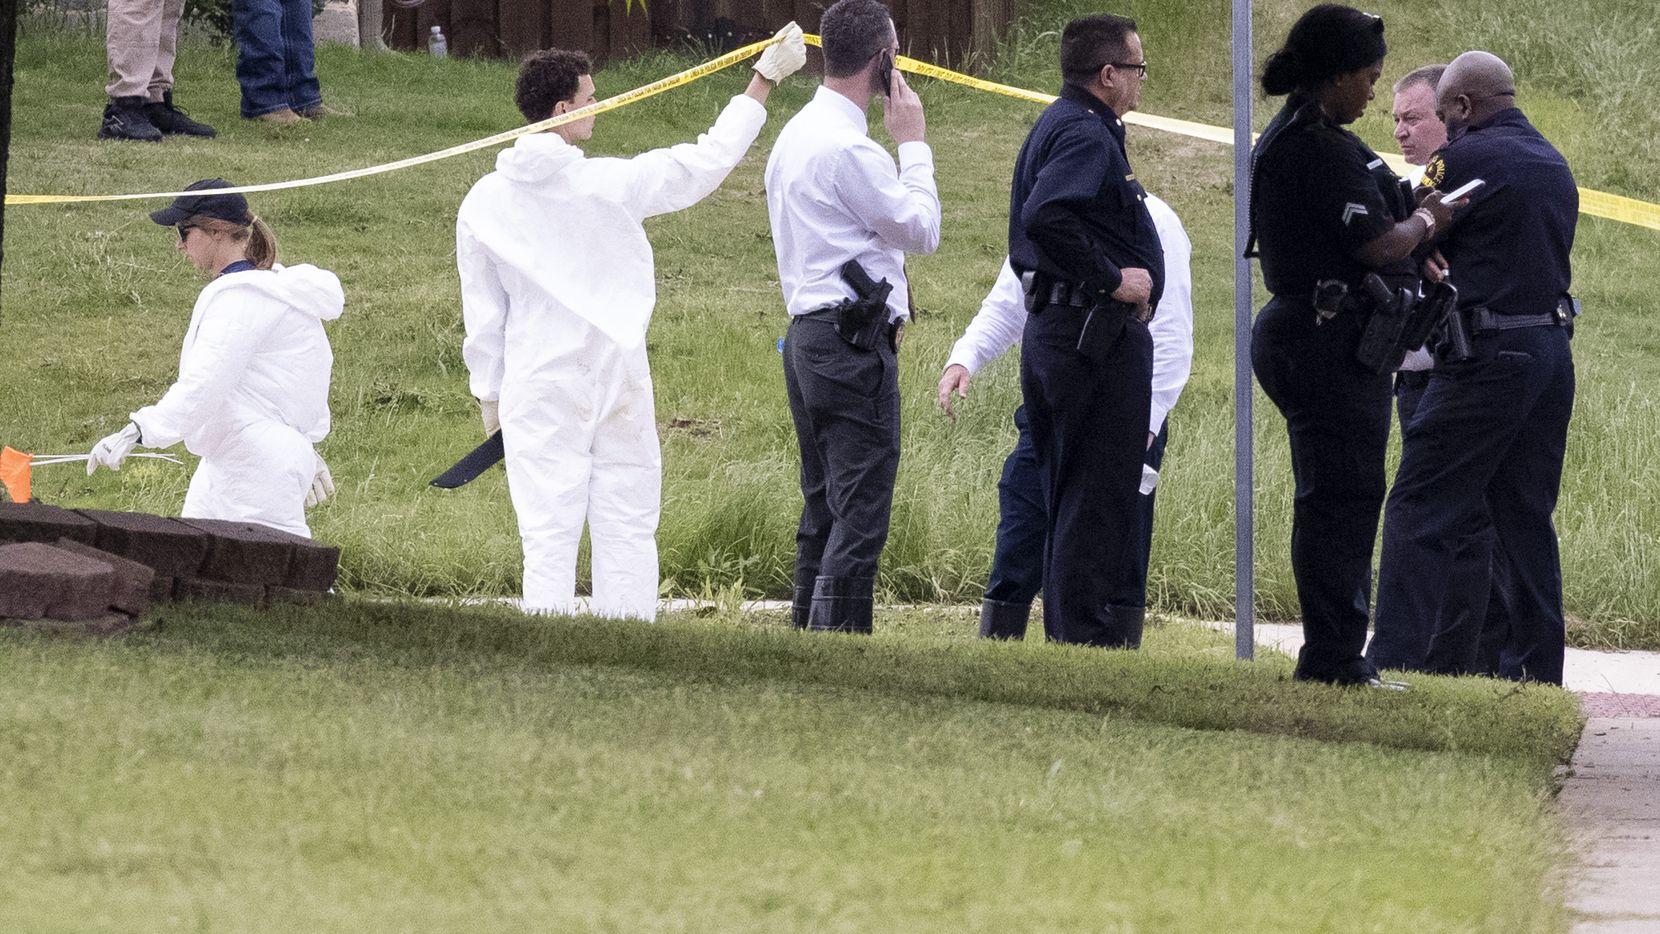 Agentes del FBI y de la Policía acordonan el lugar donde se encontró a un niño de unos 4 años muerto en Mountain Creek, al suroeste de Dallas.